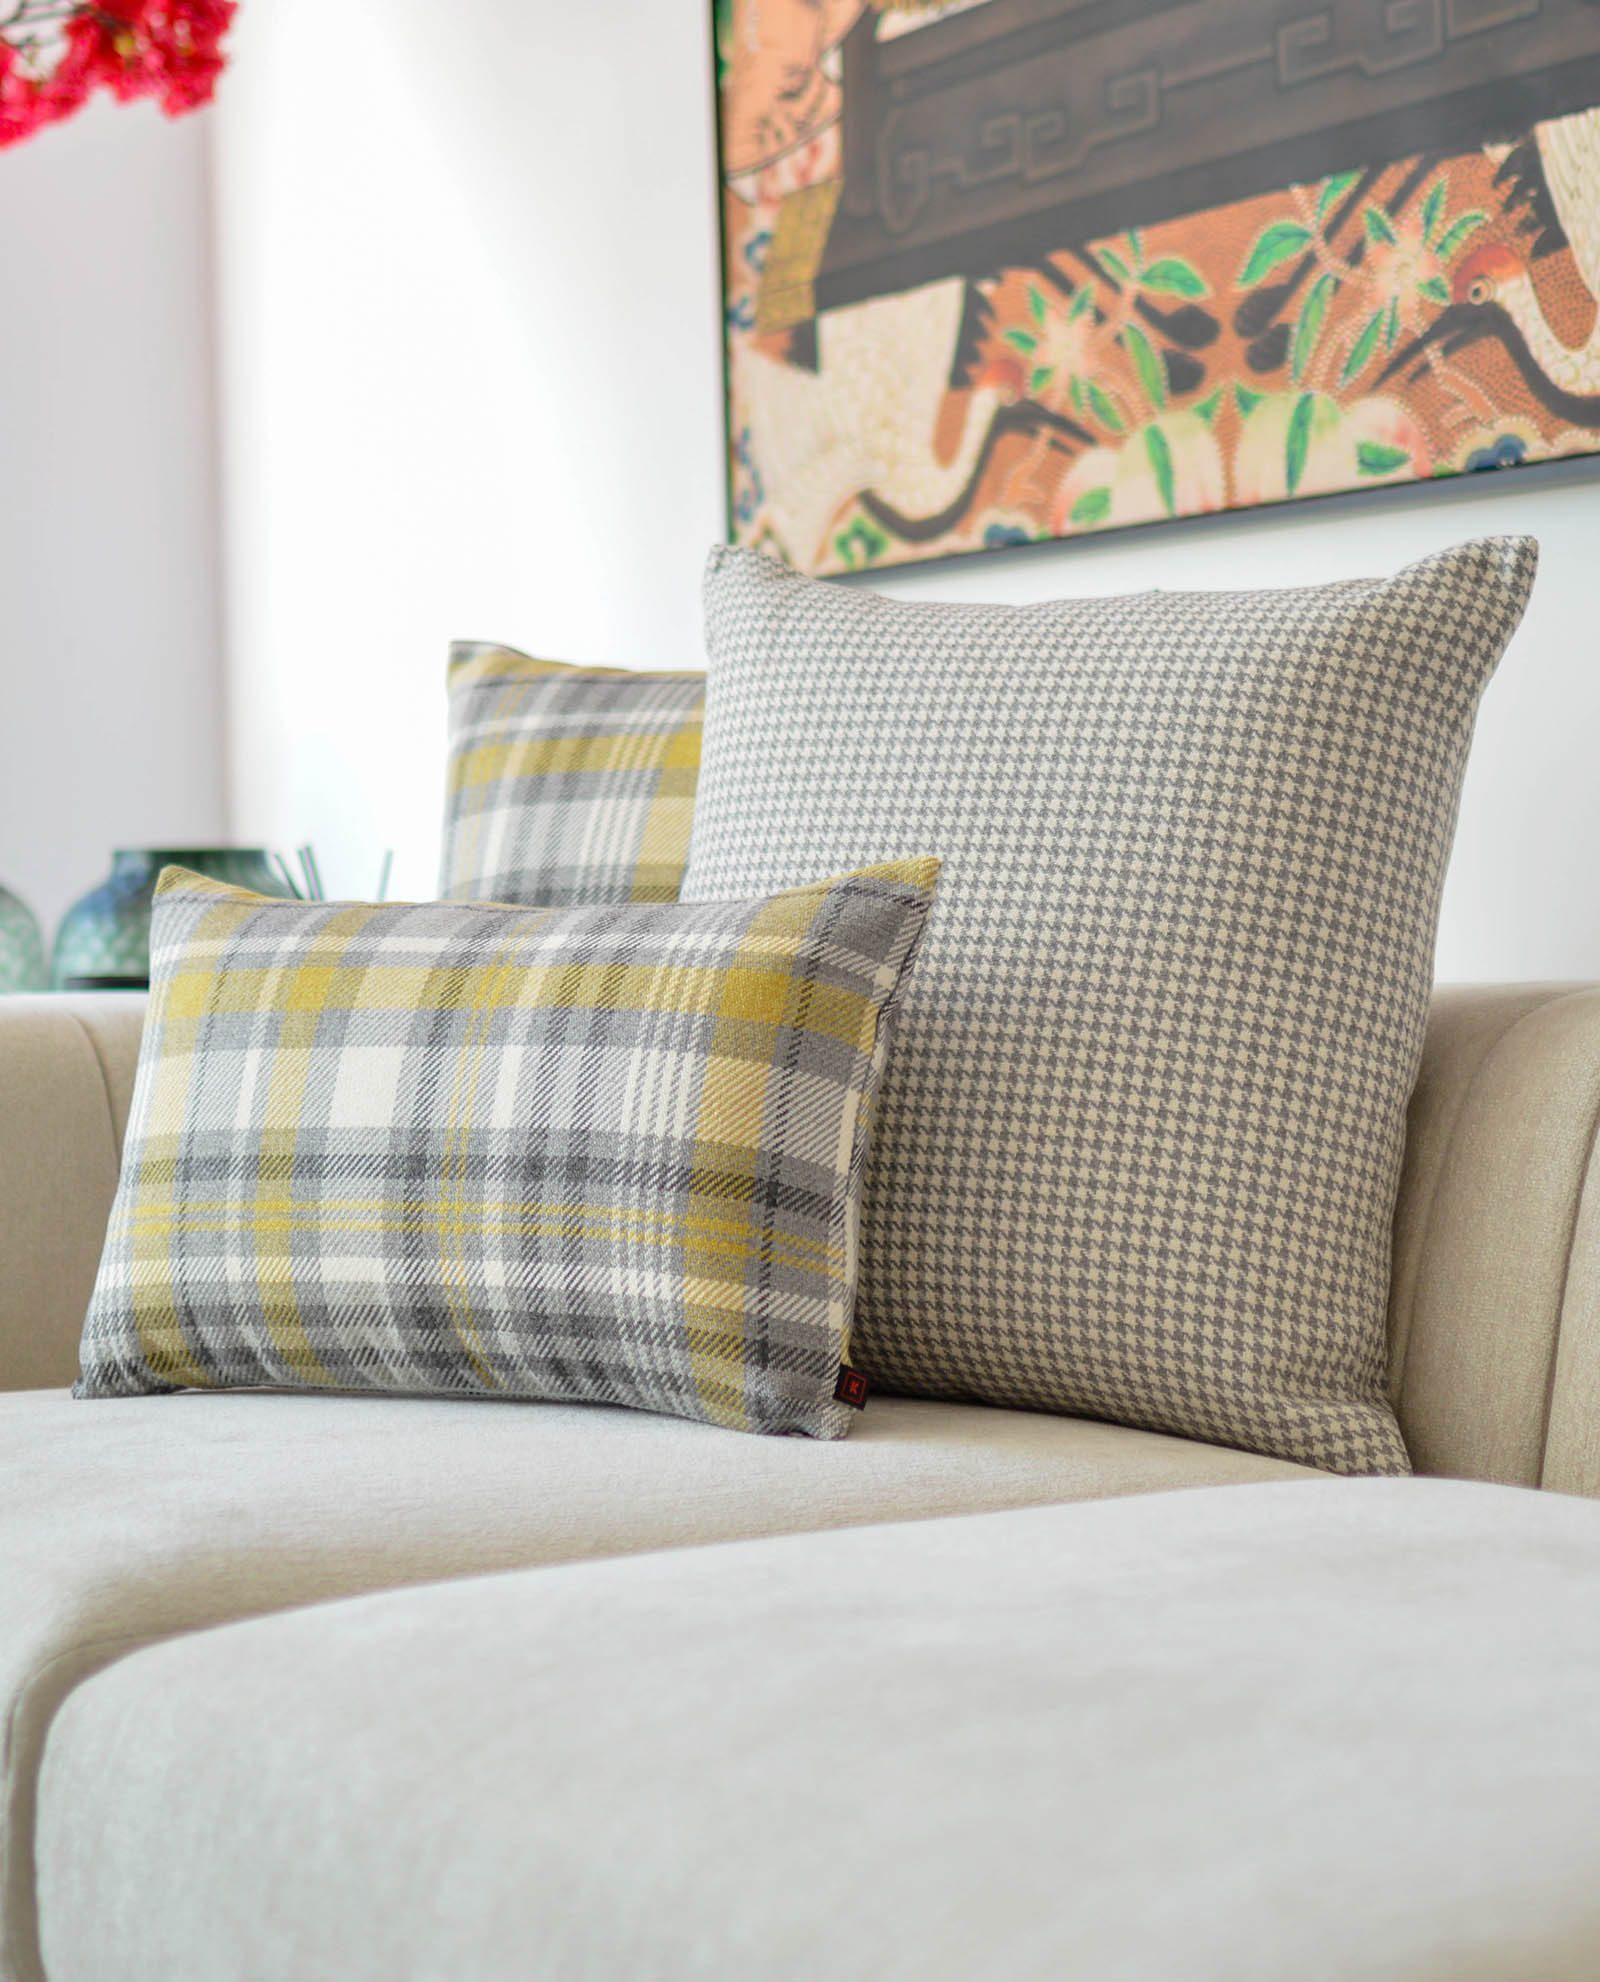 almofada decorativa em amarelo padrão